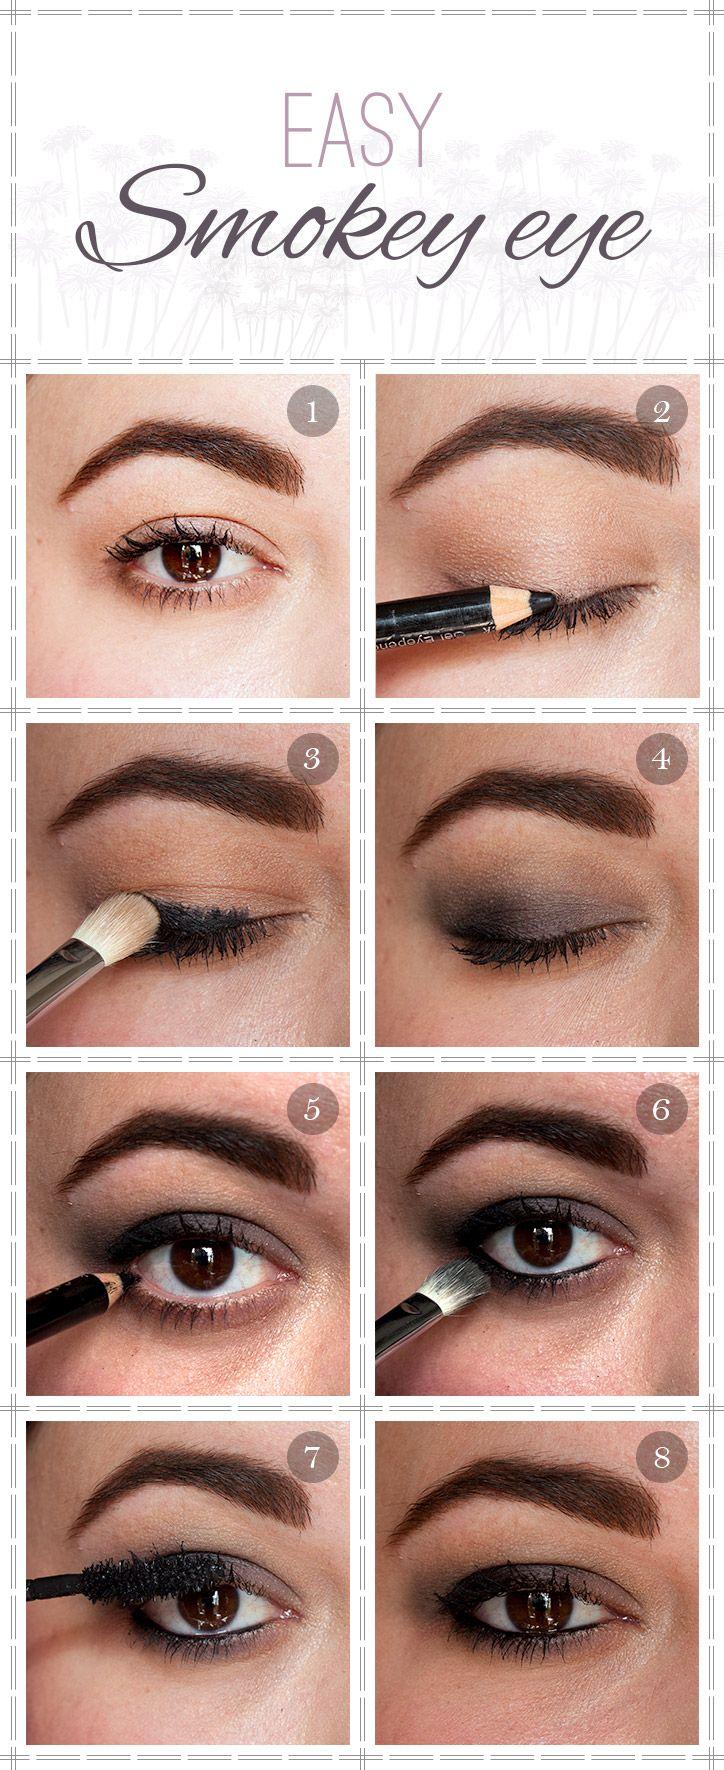 easy smokey eye tutorial #makeup #beauty | eye makeup